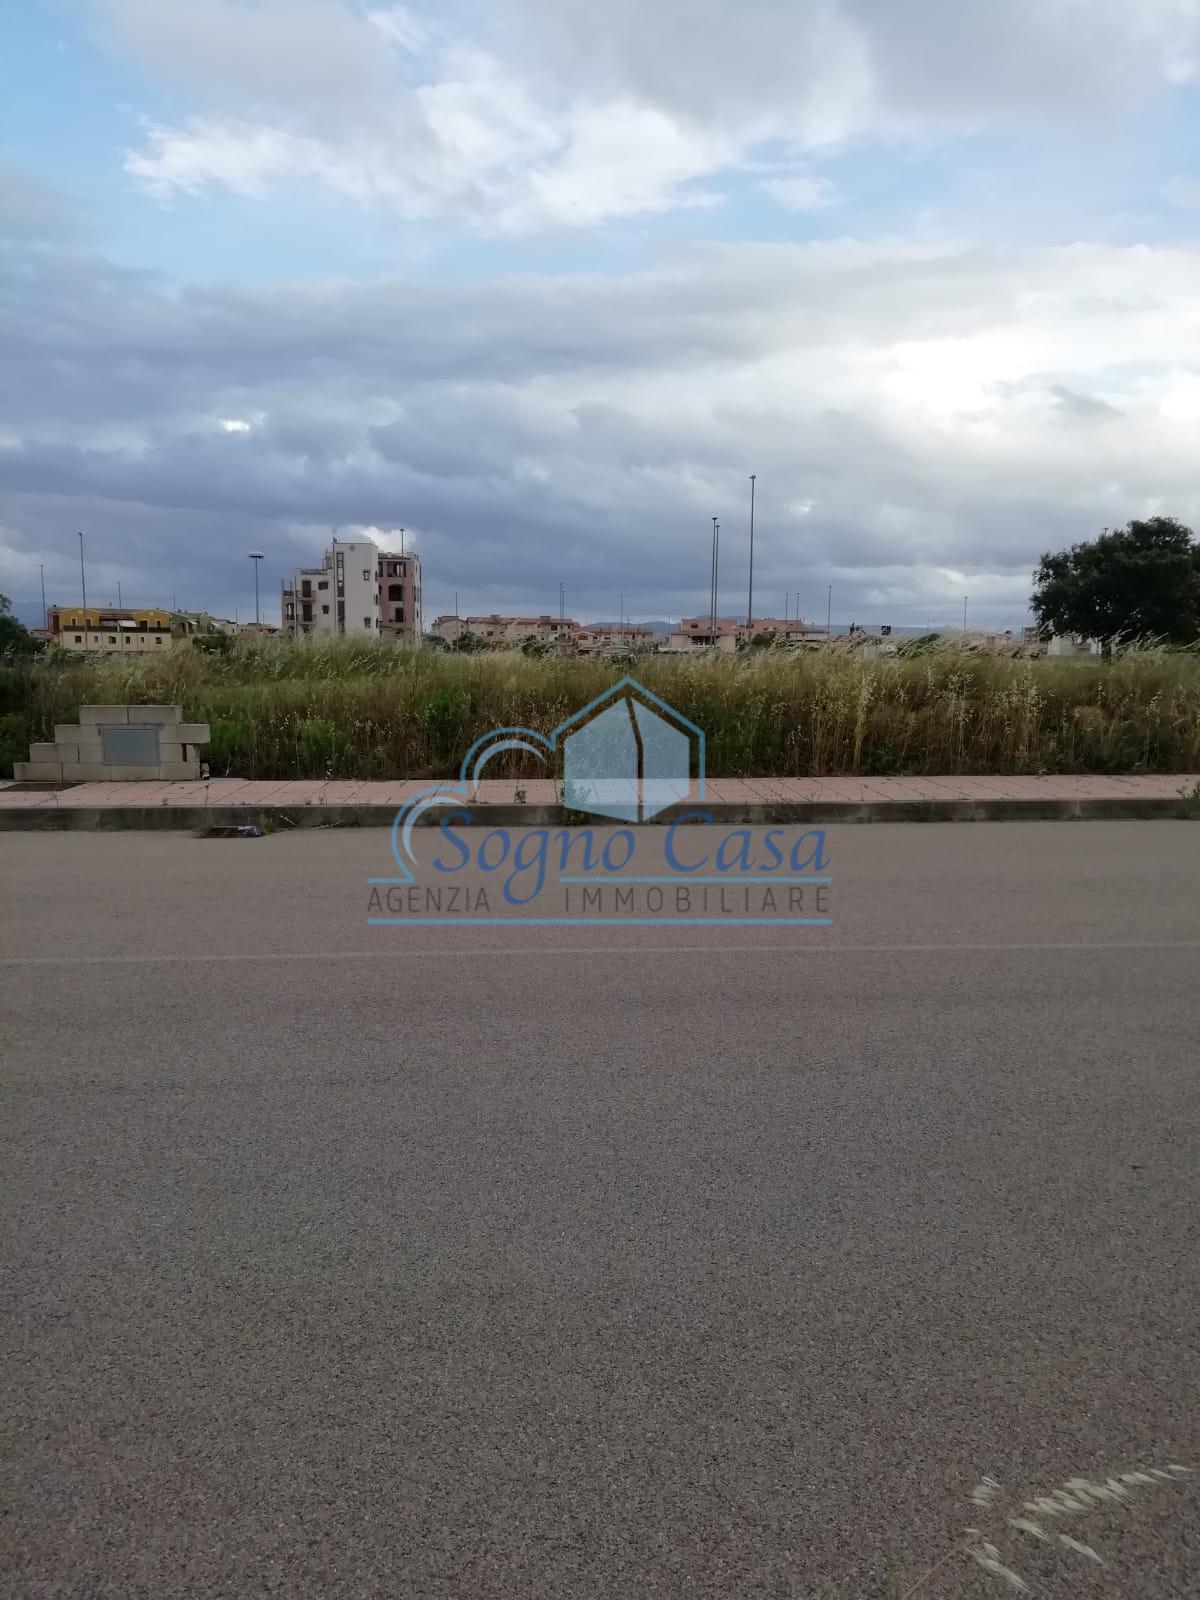 Terreno edif. residenziale in vendita, rif. 106865